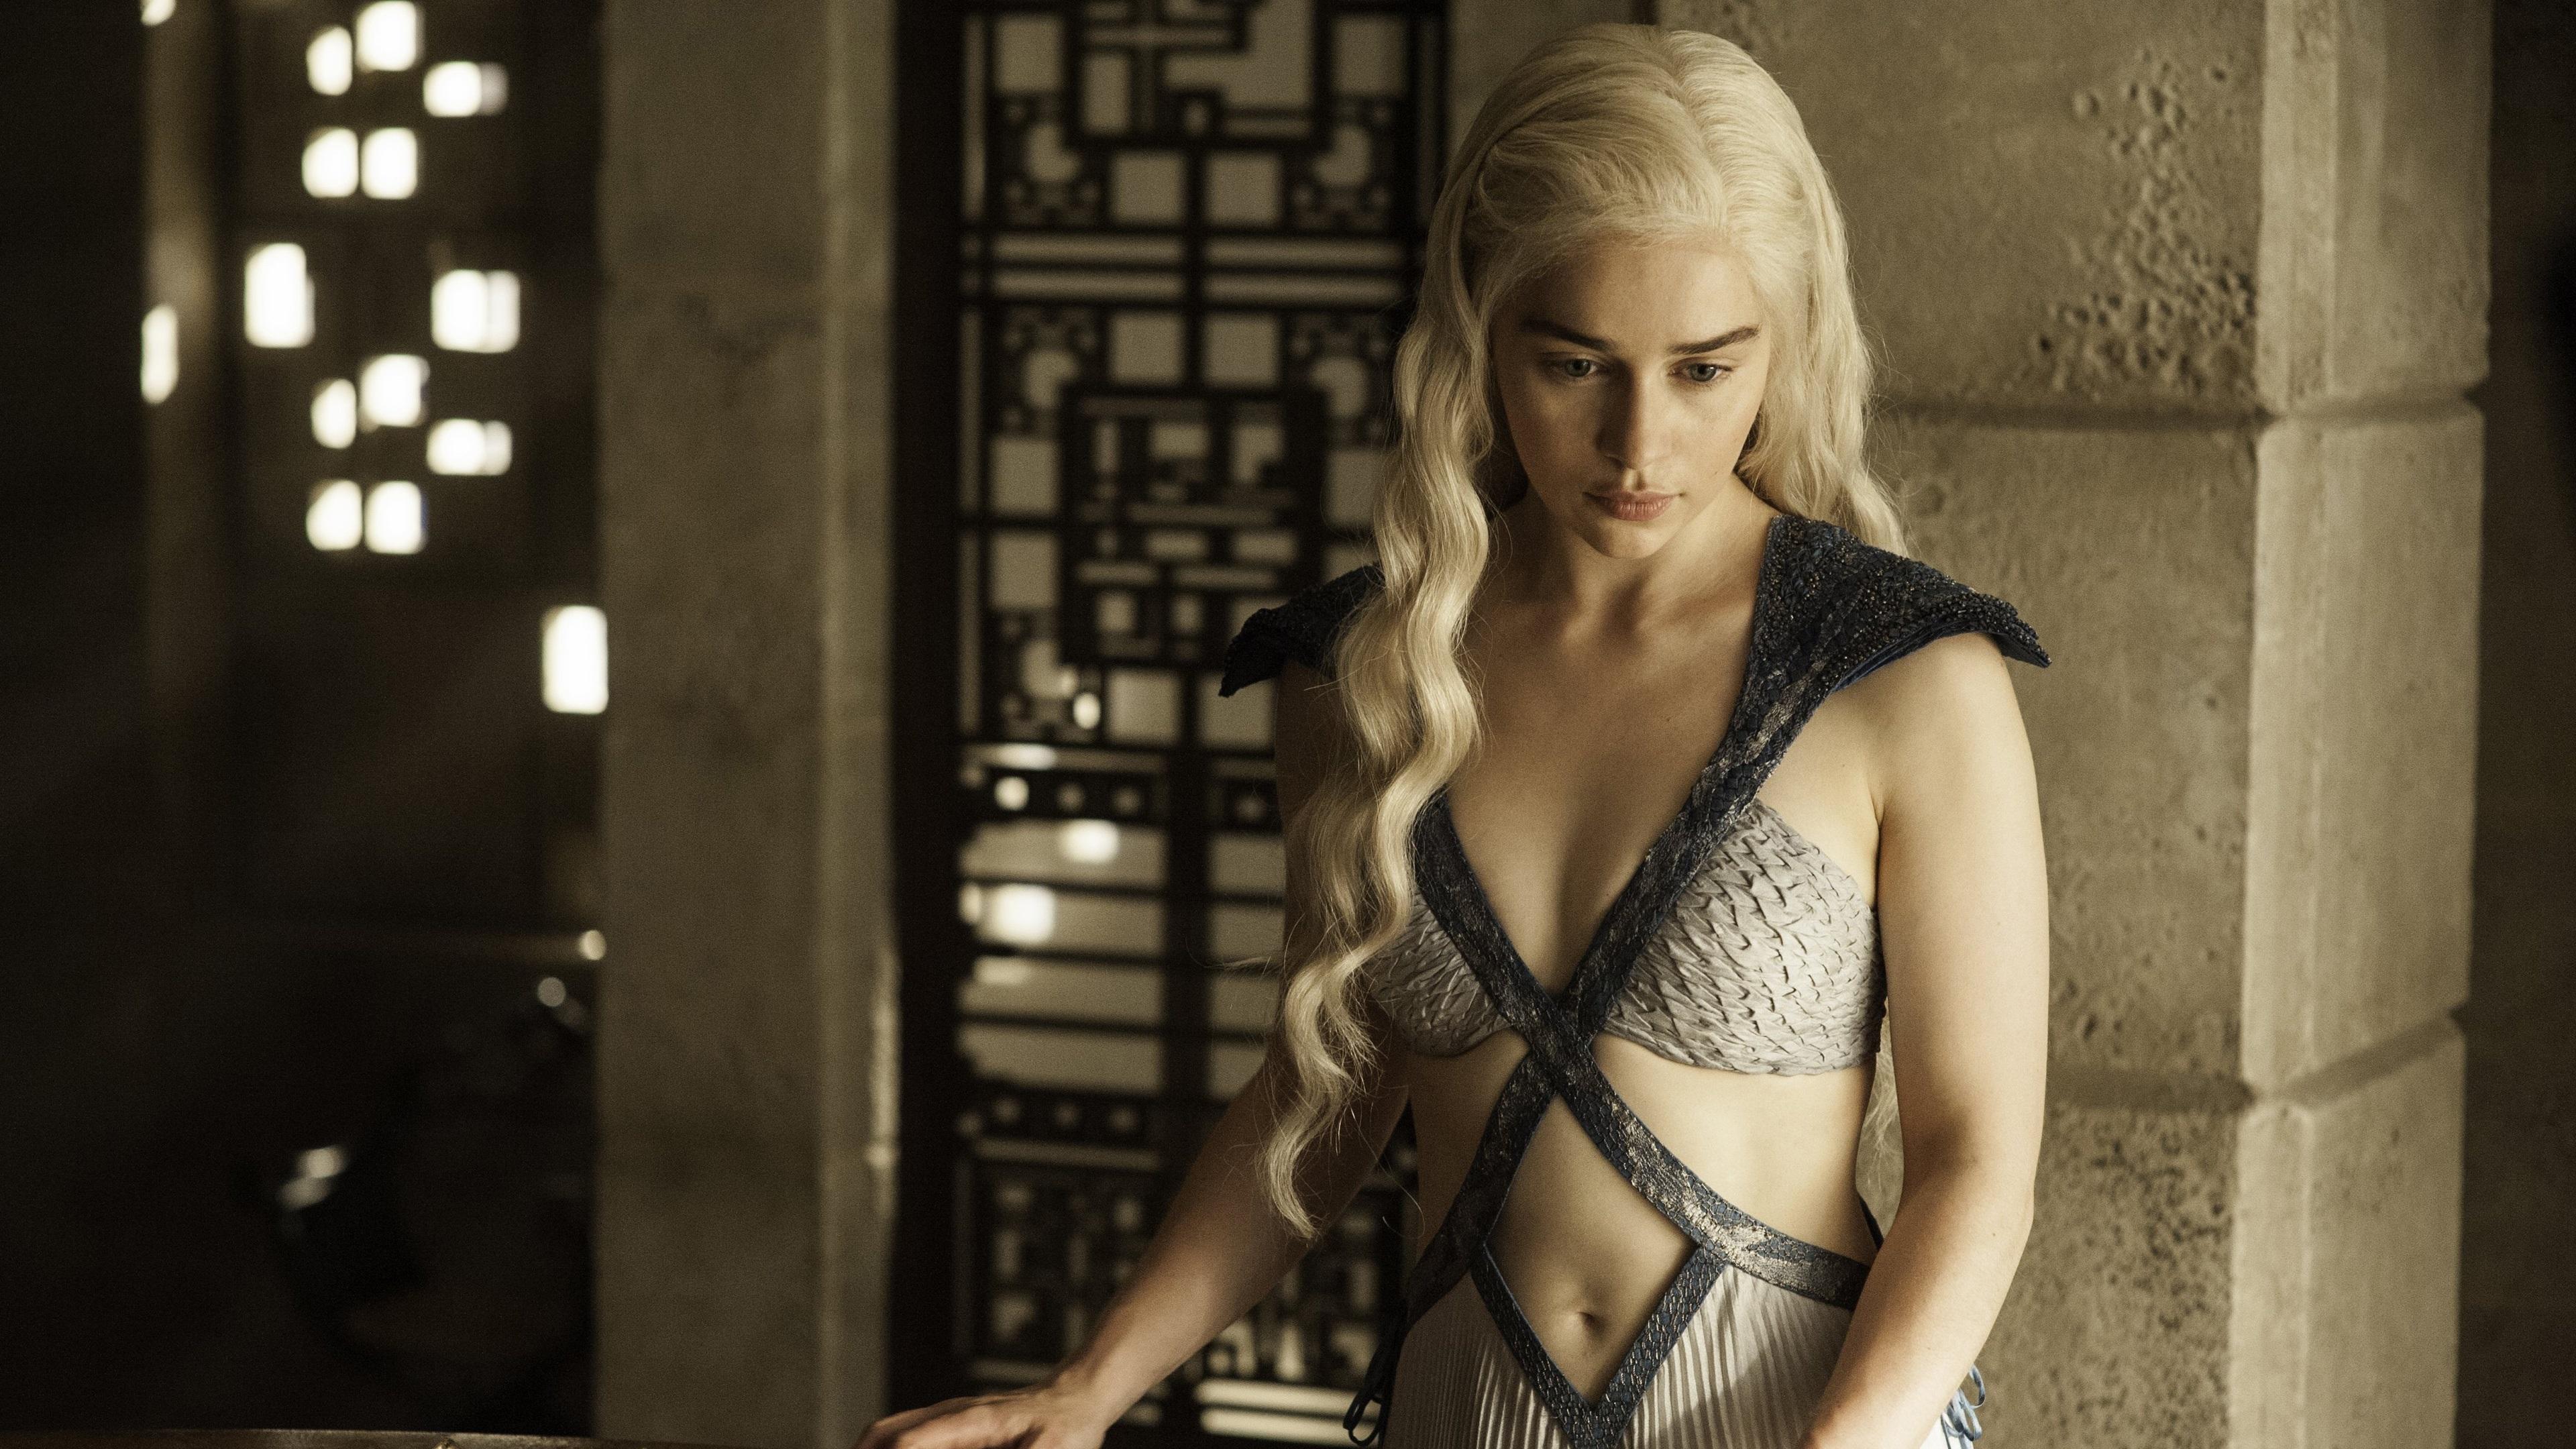 Fondos De Pantalla Juego De Tronos Daenerys Targaryen